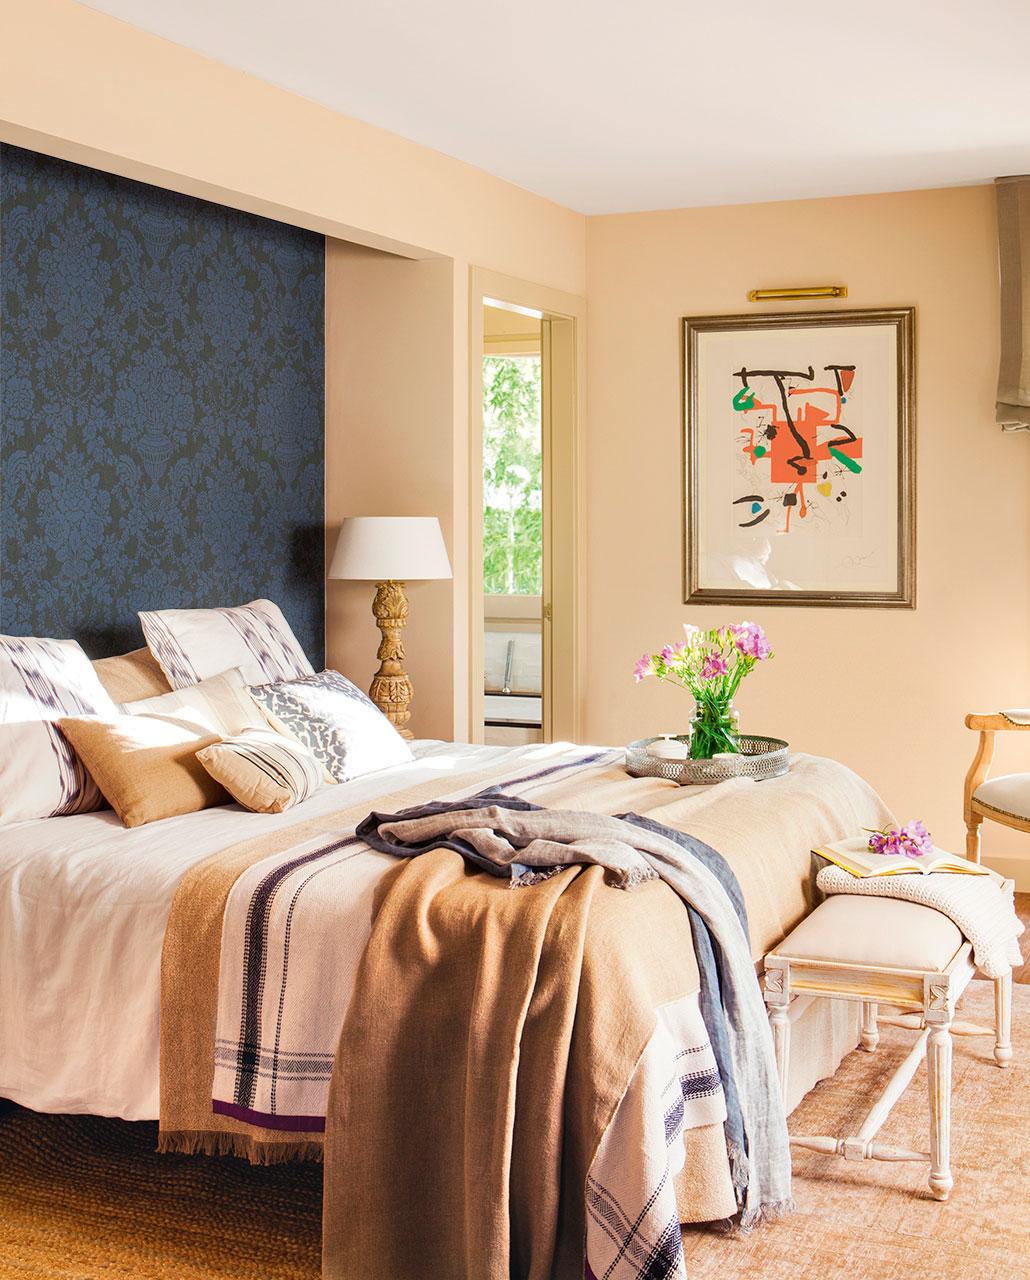 Dormitorios papel pintado best decoracin dormitorio papel - Papel pintado cabecero cama ...